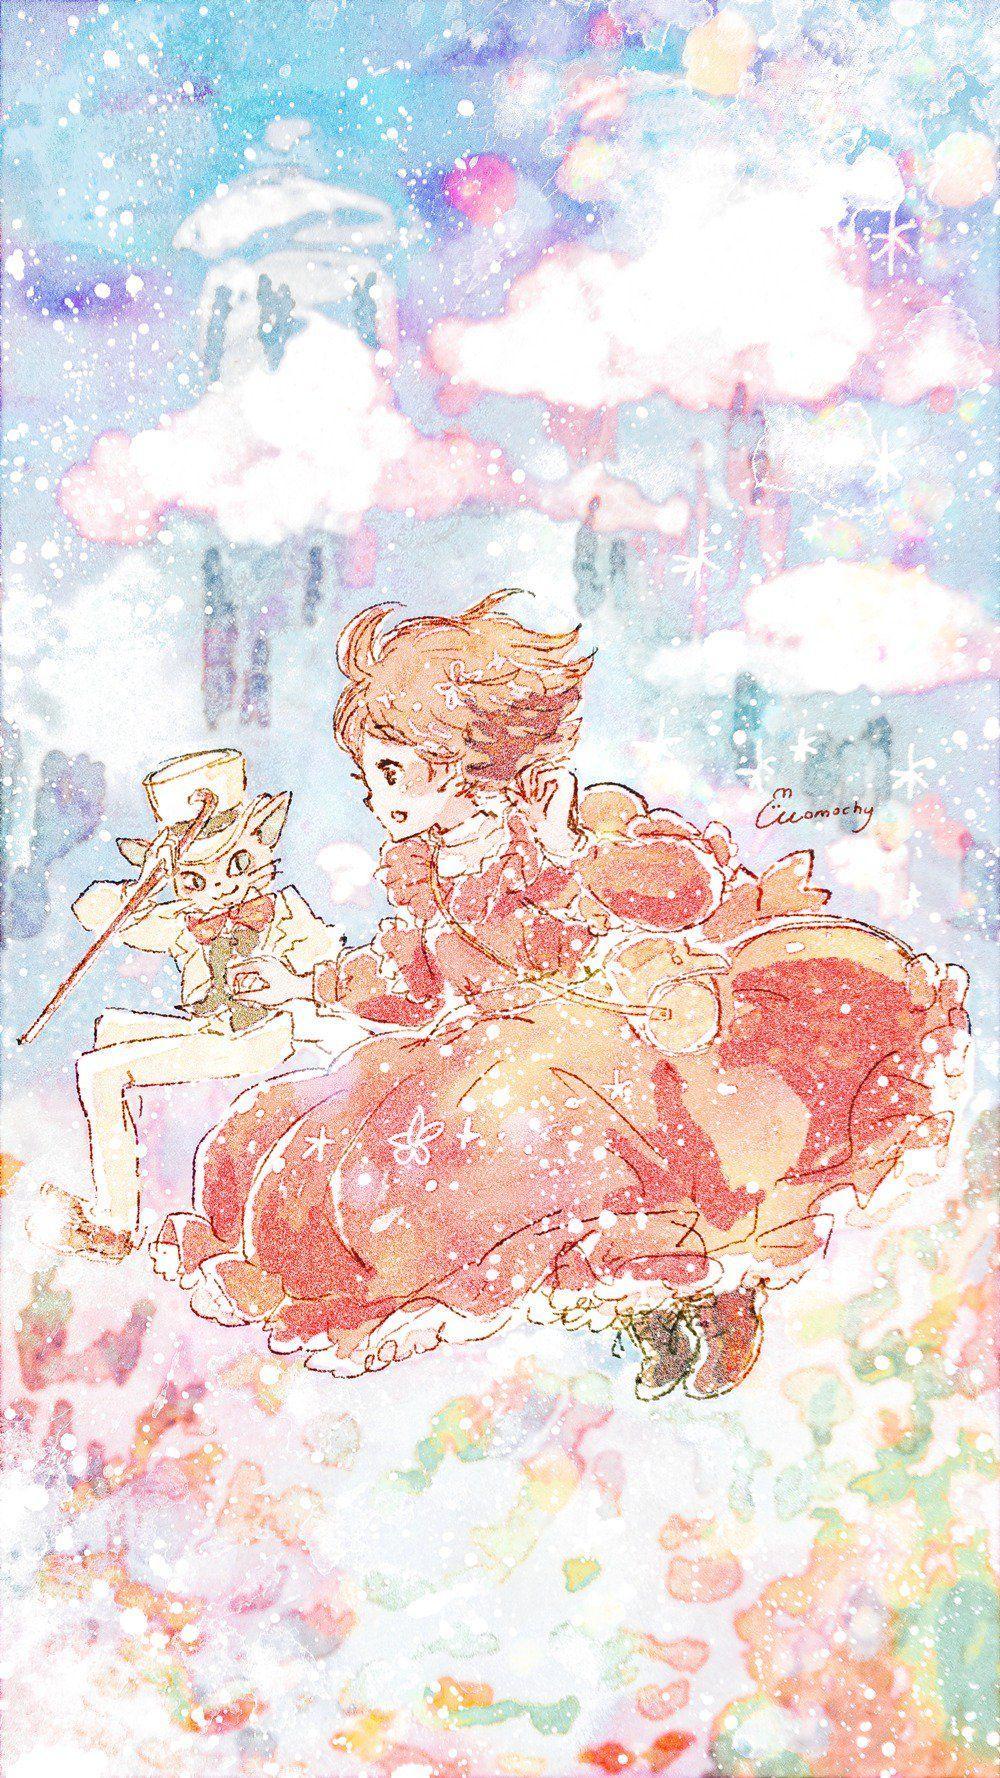 Miazaki 3 おしゃれまとめの人気アイデア Pinterest Jill Jackson ジブリ イラスト かわいい アニメの女の子のデッサン ジブリ イラスト